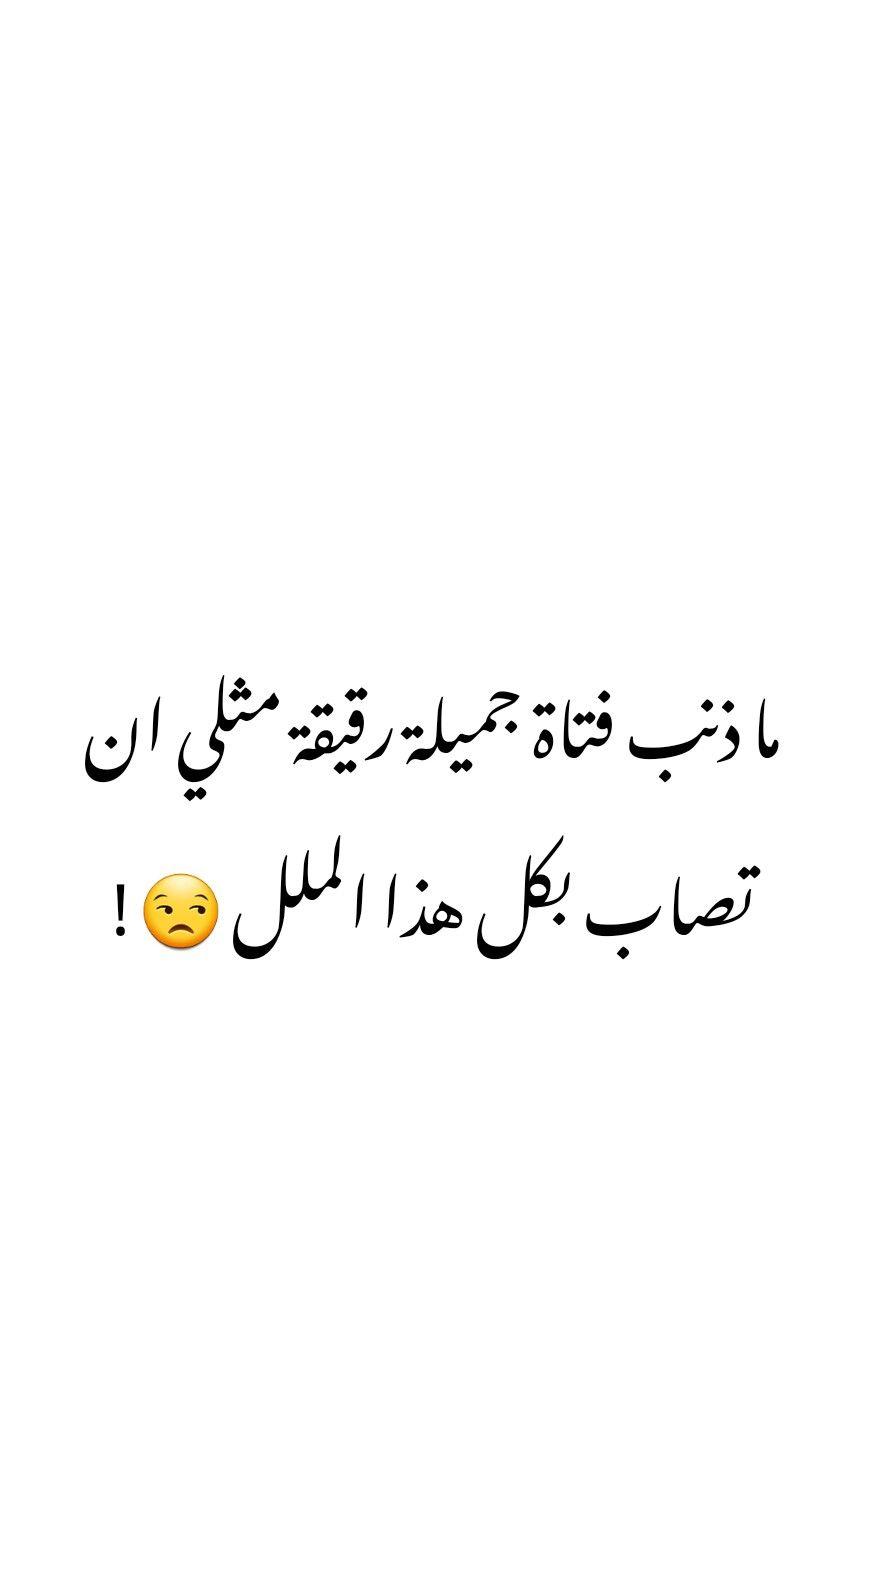 ما ذنب فتاة جميلة رقيقة مثلي ان تصاب بكل هذا الملل Quotes Magic Tricks Videos Arabic Poetry